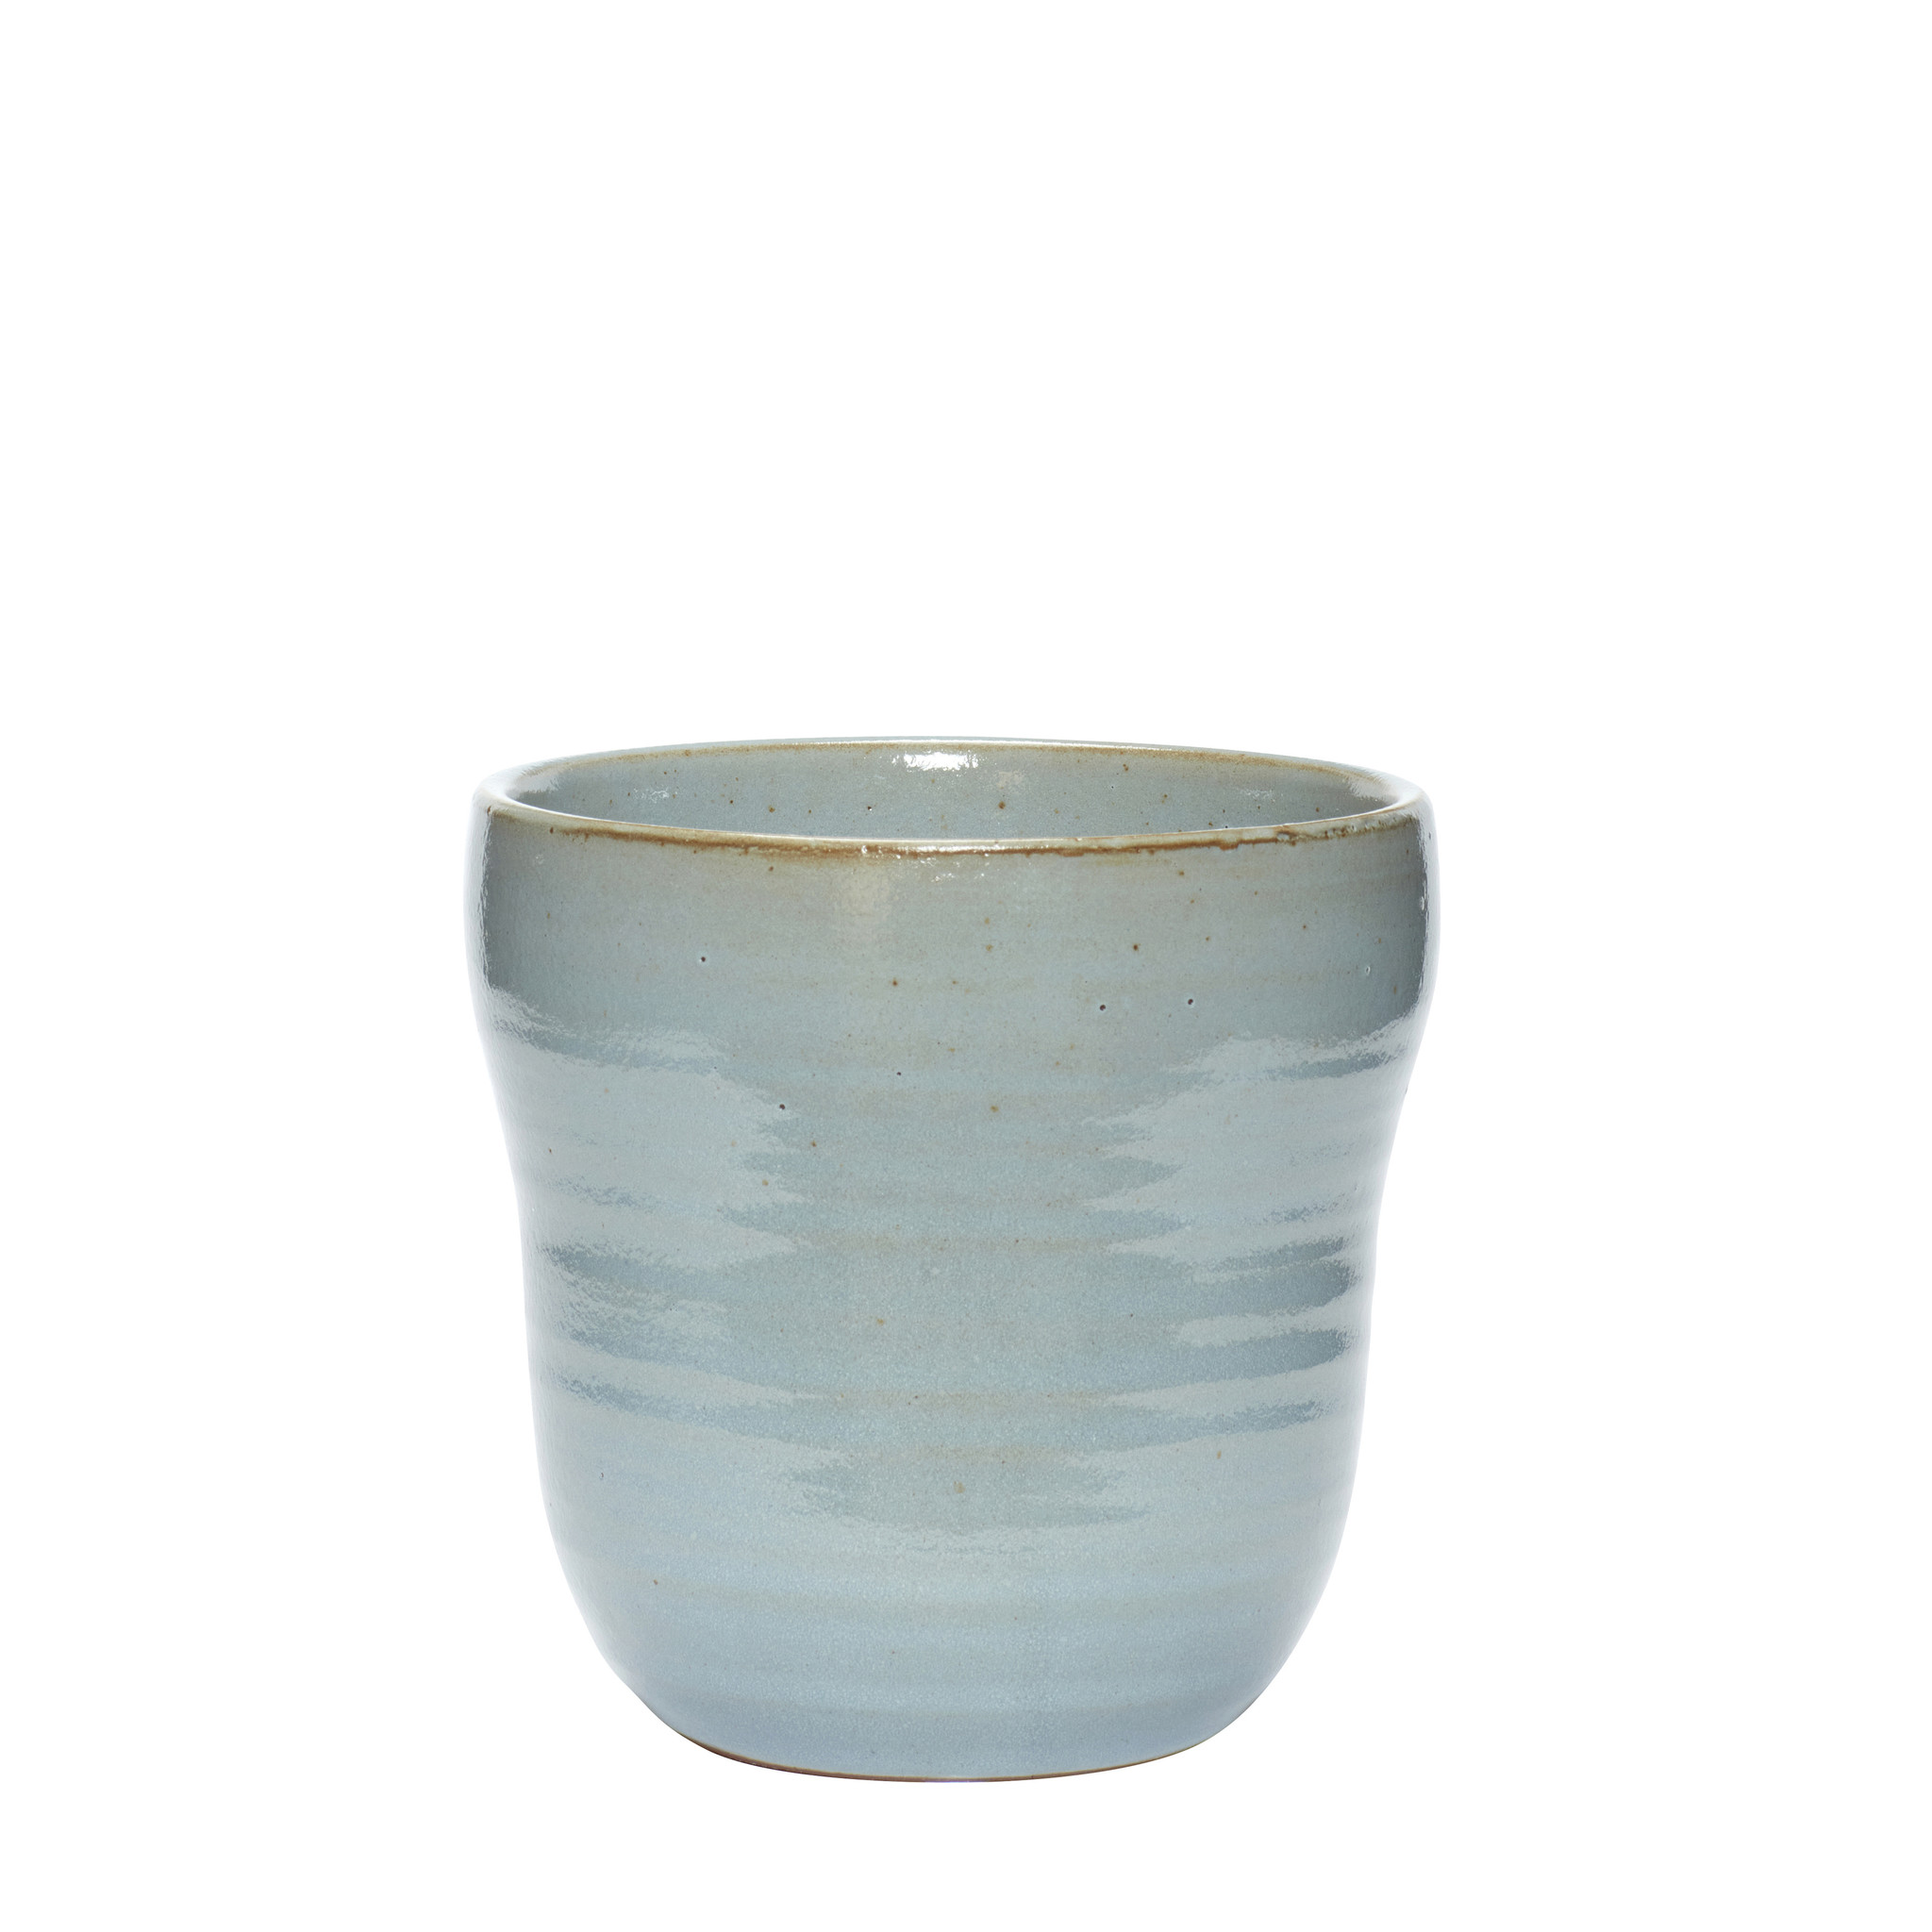 Hubsch Bloempot, keramiek, blauw, set van 2